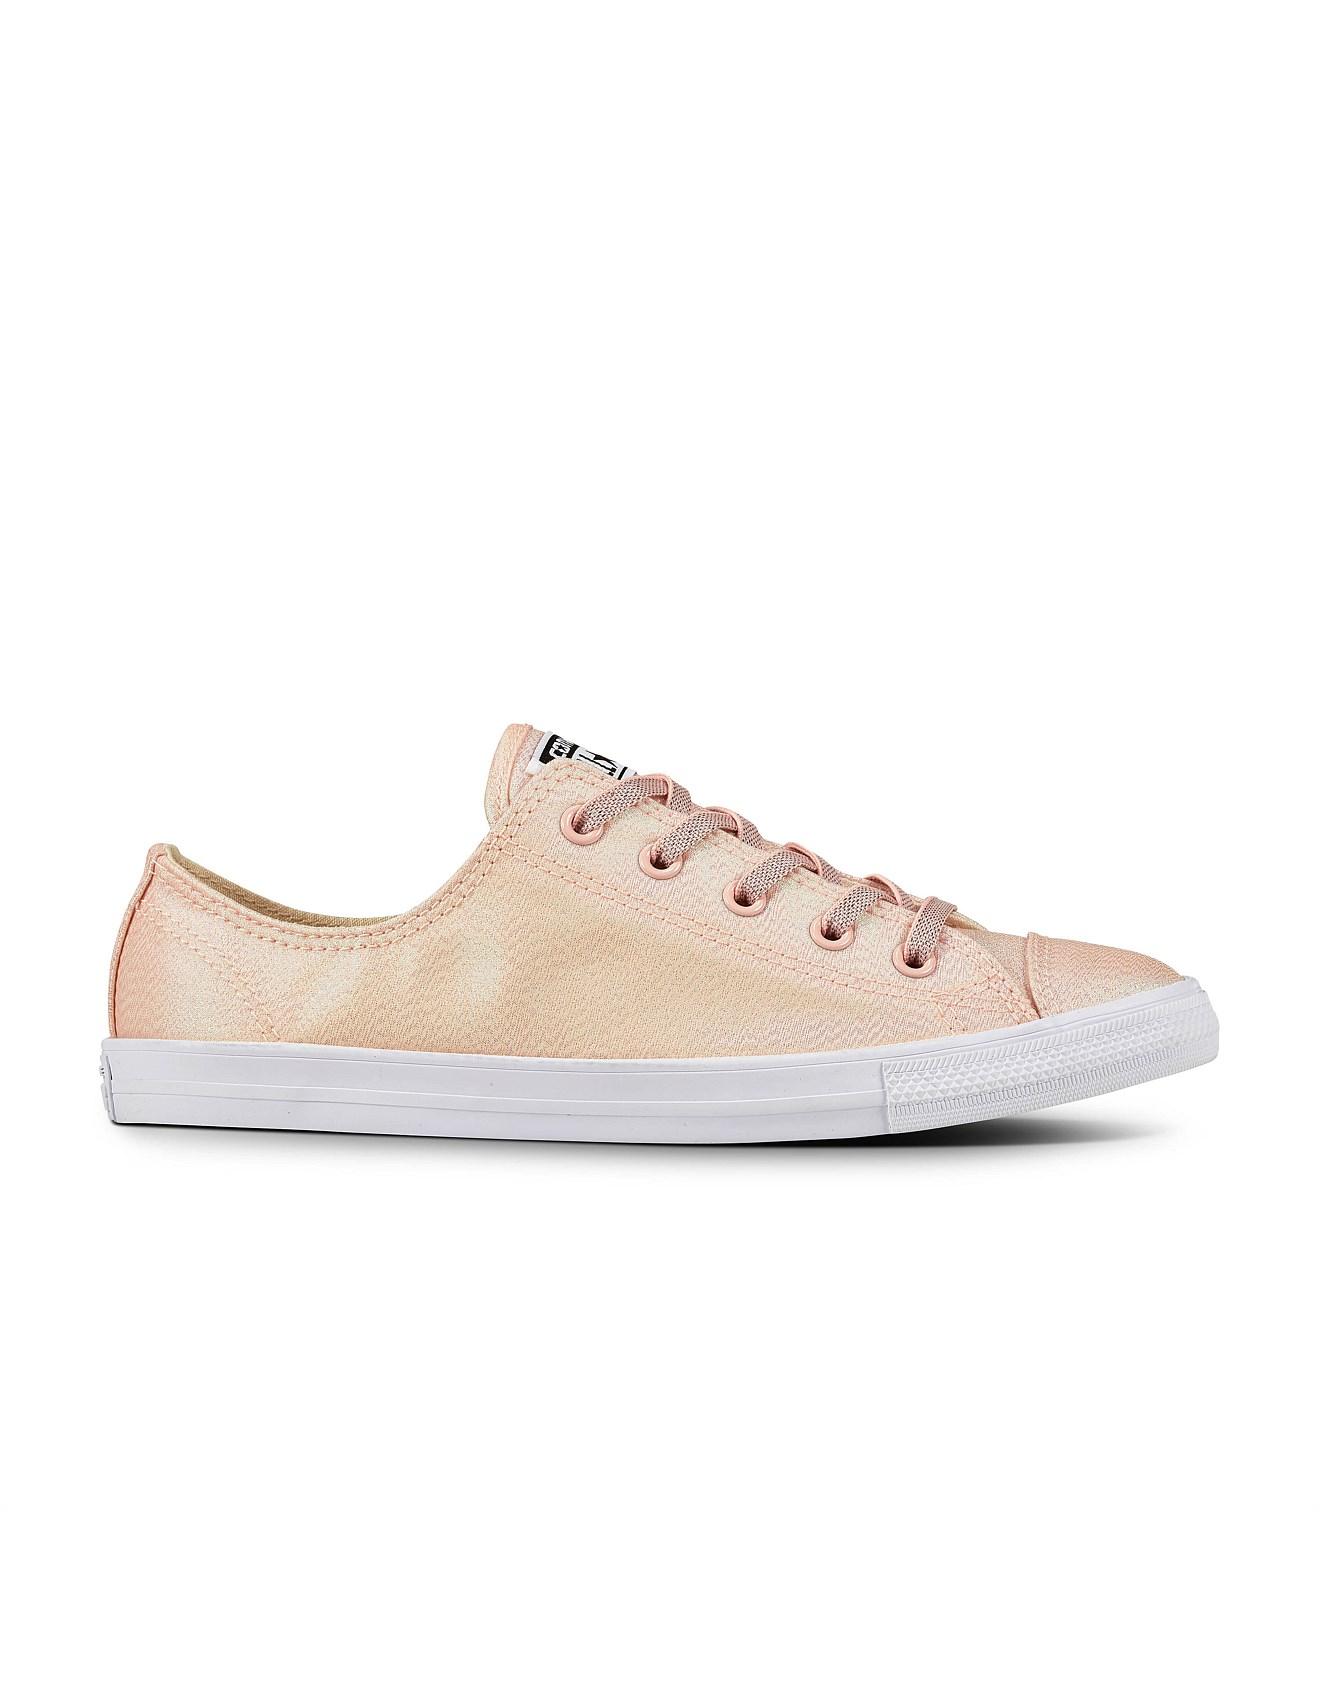 Flats - Chuck Taylor All Star Dainty - Ox Sneaker de2a209a738d